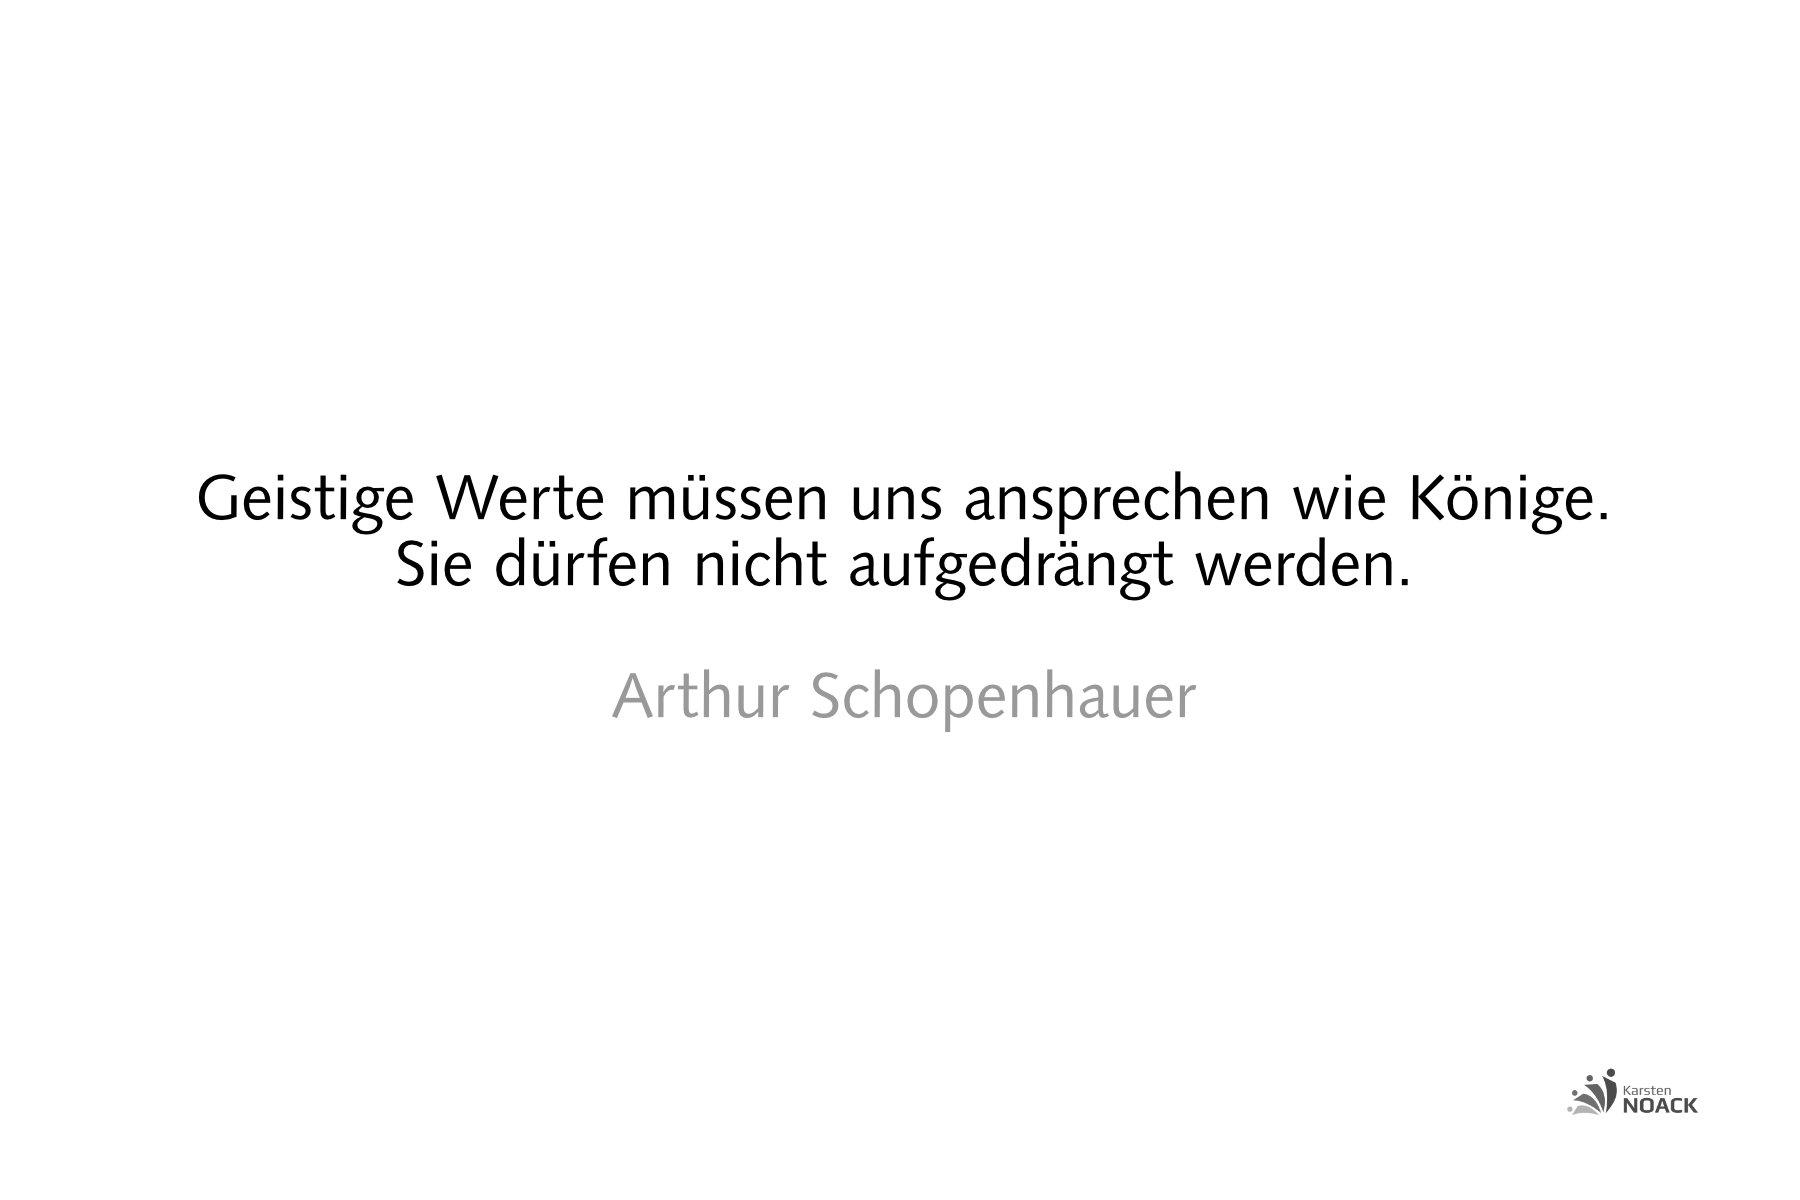 Geistige Werte müssen uns ansprechen wie Könige. Sie dürfen nicht aufgedrängt werden. Arthur Schopenhauer